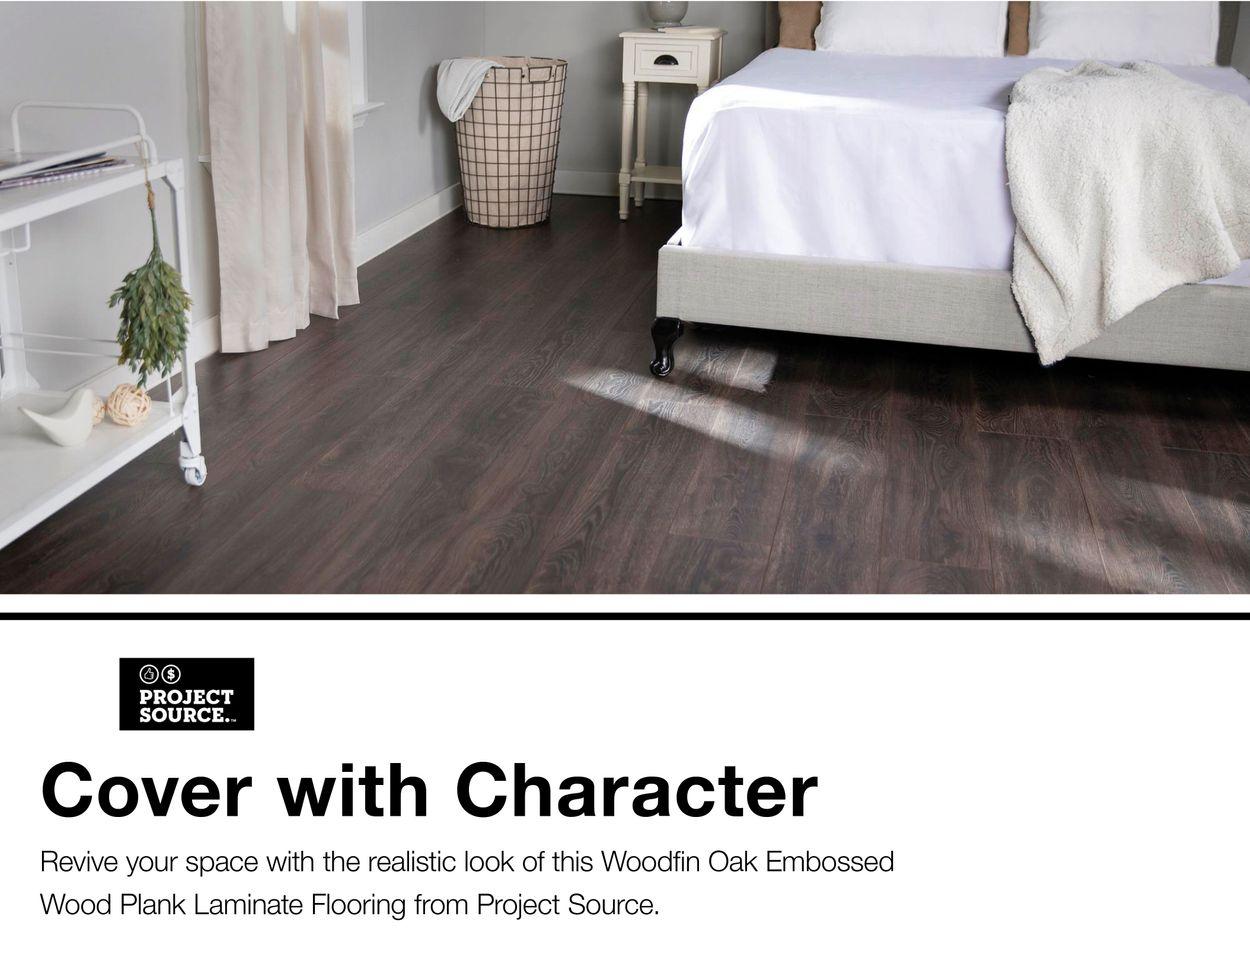 Project Source Woodfin Oak 7.59-in W x